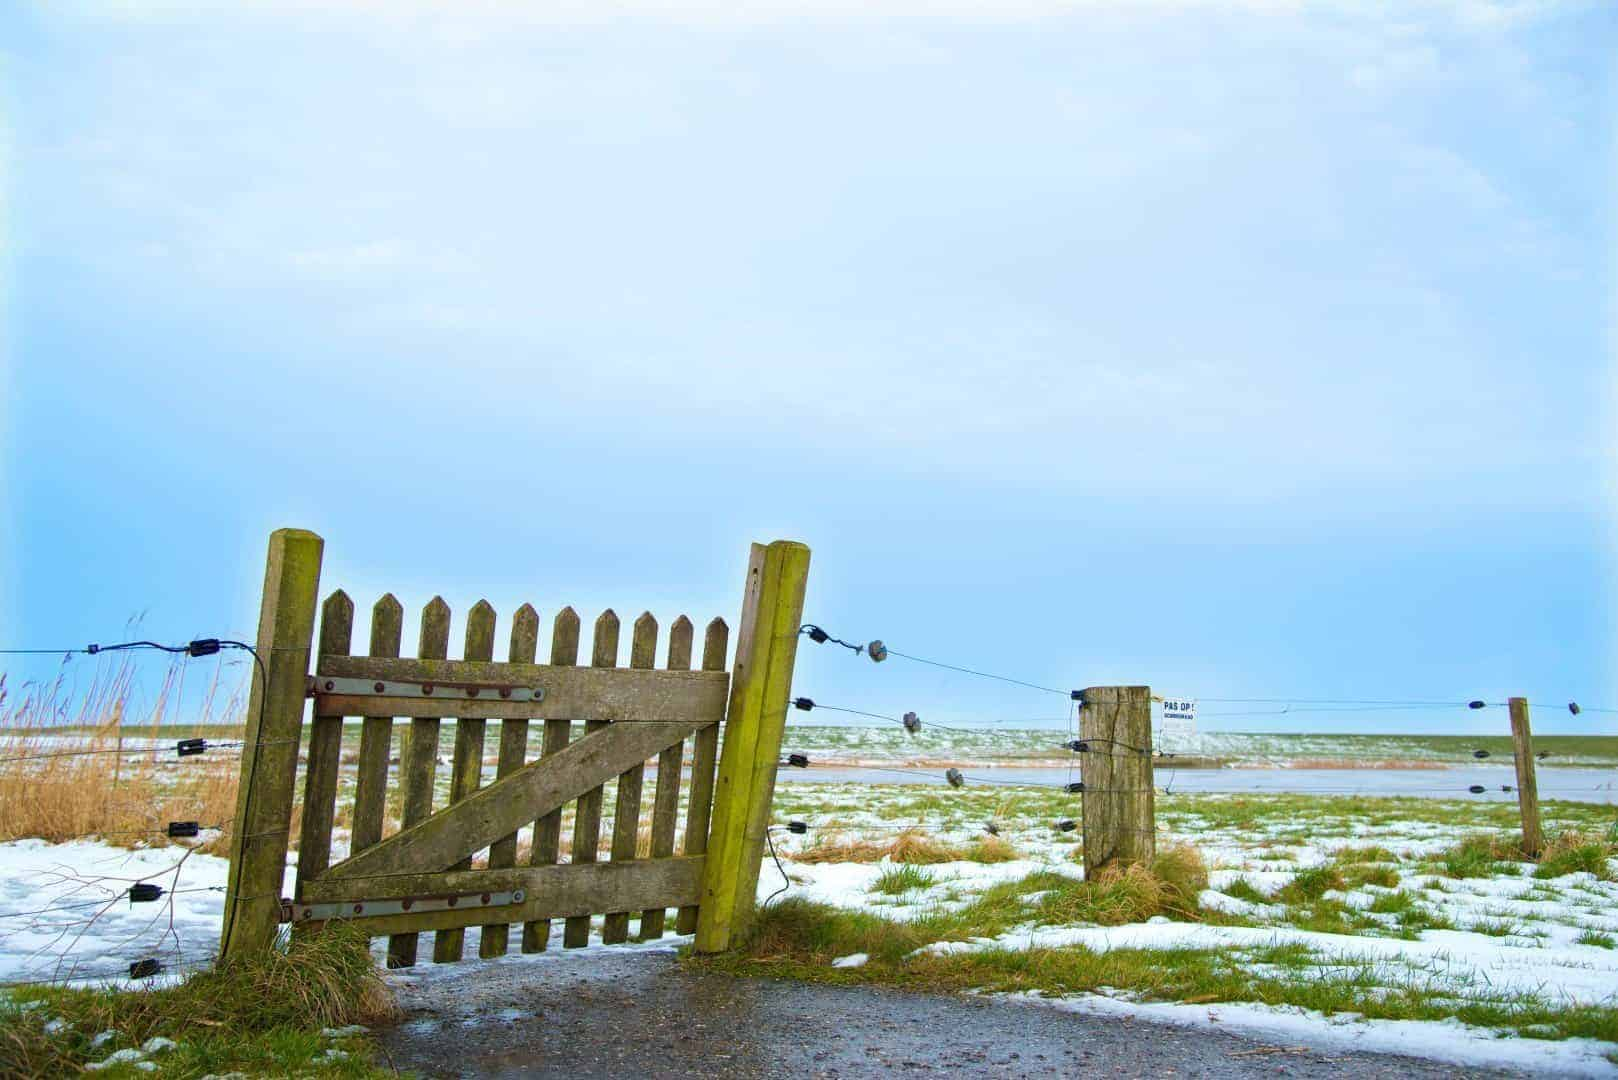 Hekje in de winter in Termunten - Winterfotografie